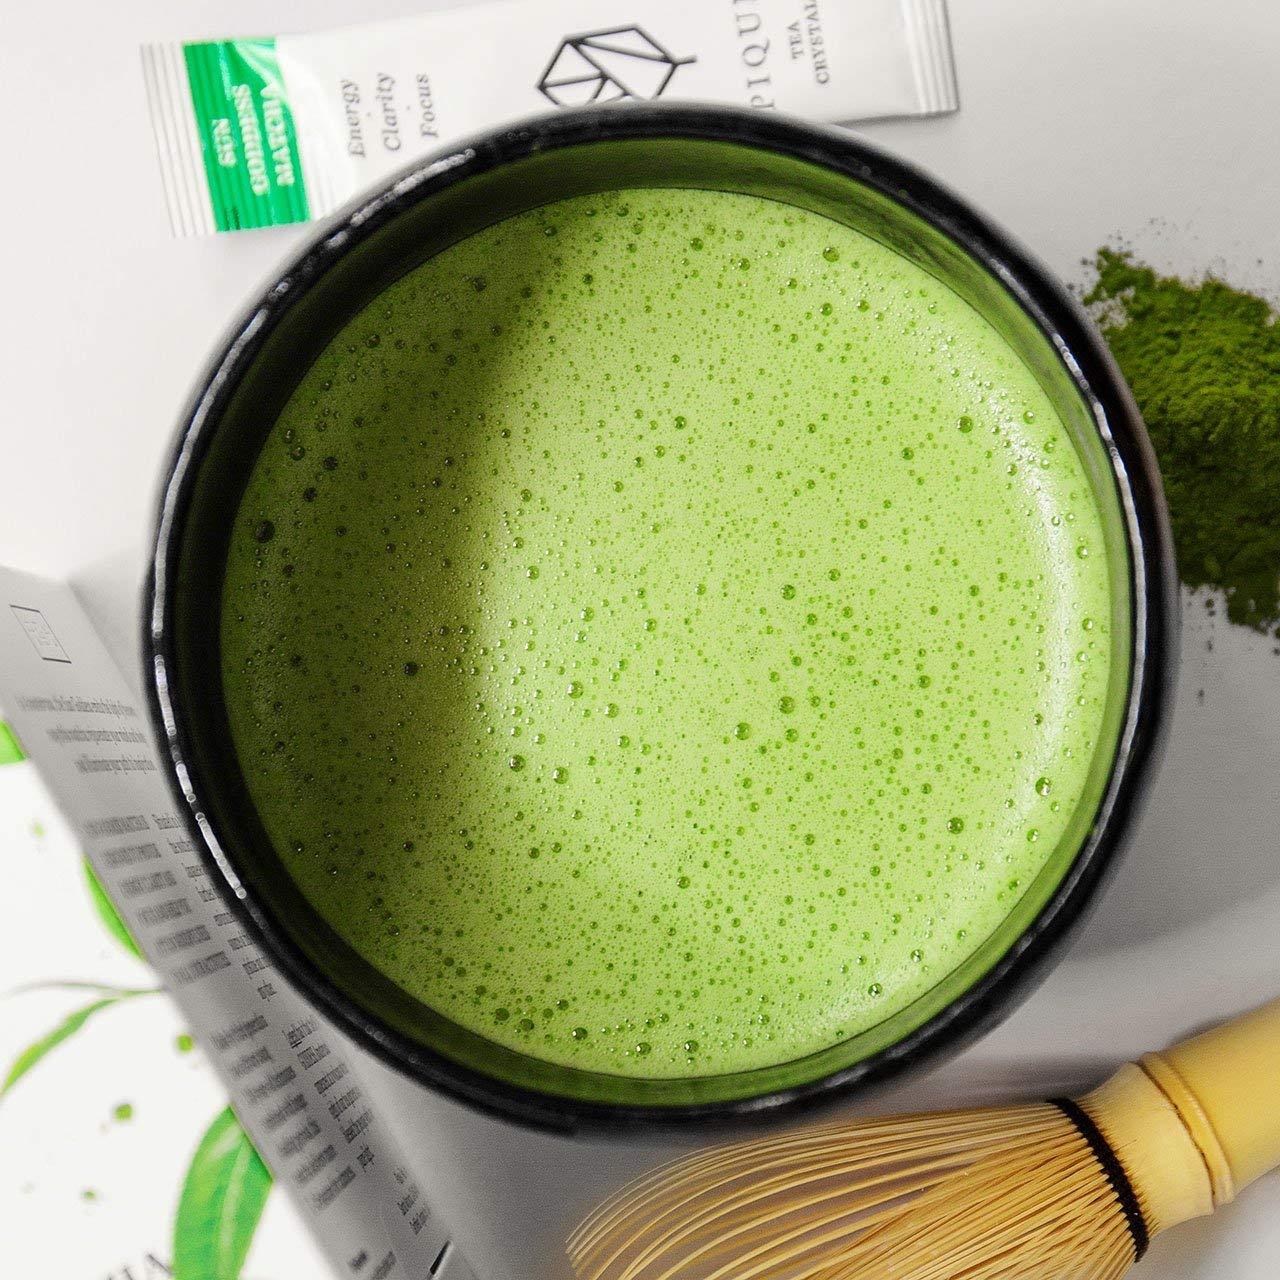 Pique Tea Organic Sun Goddess Matcha Green Tea - Energy, Calm, Mindfulness - 1 Pack (28 Sticks)